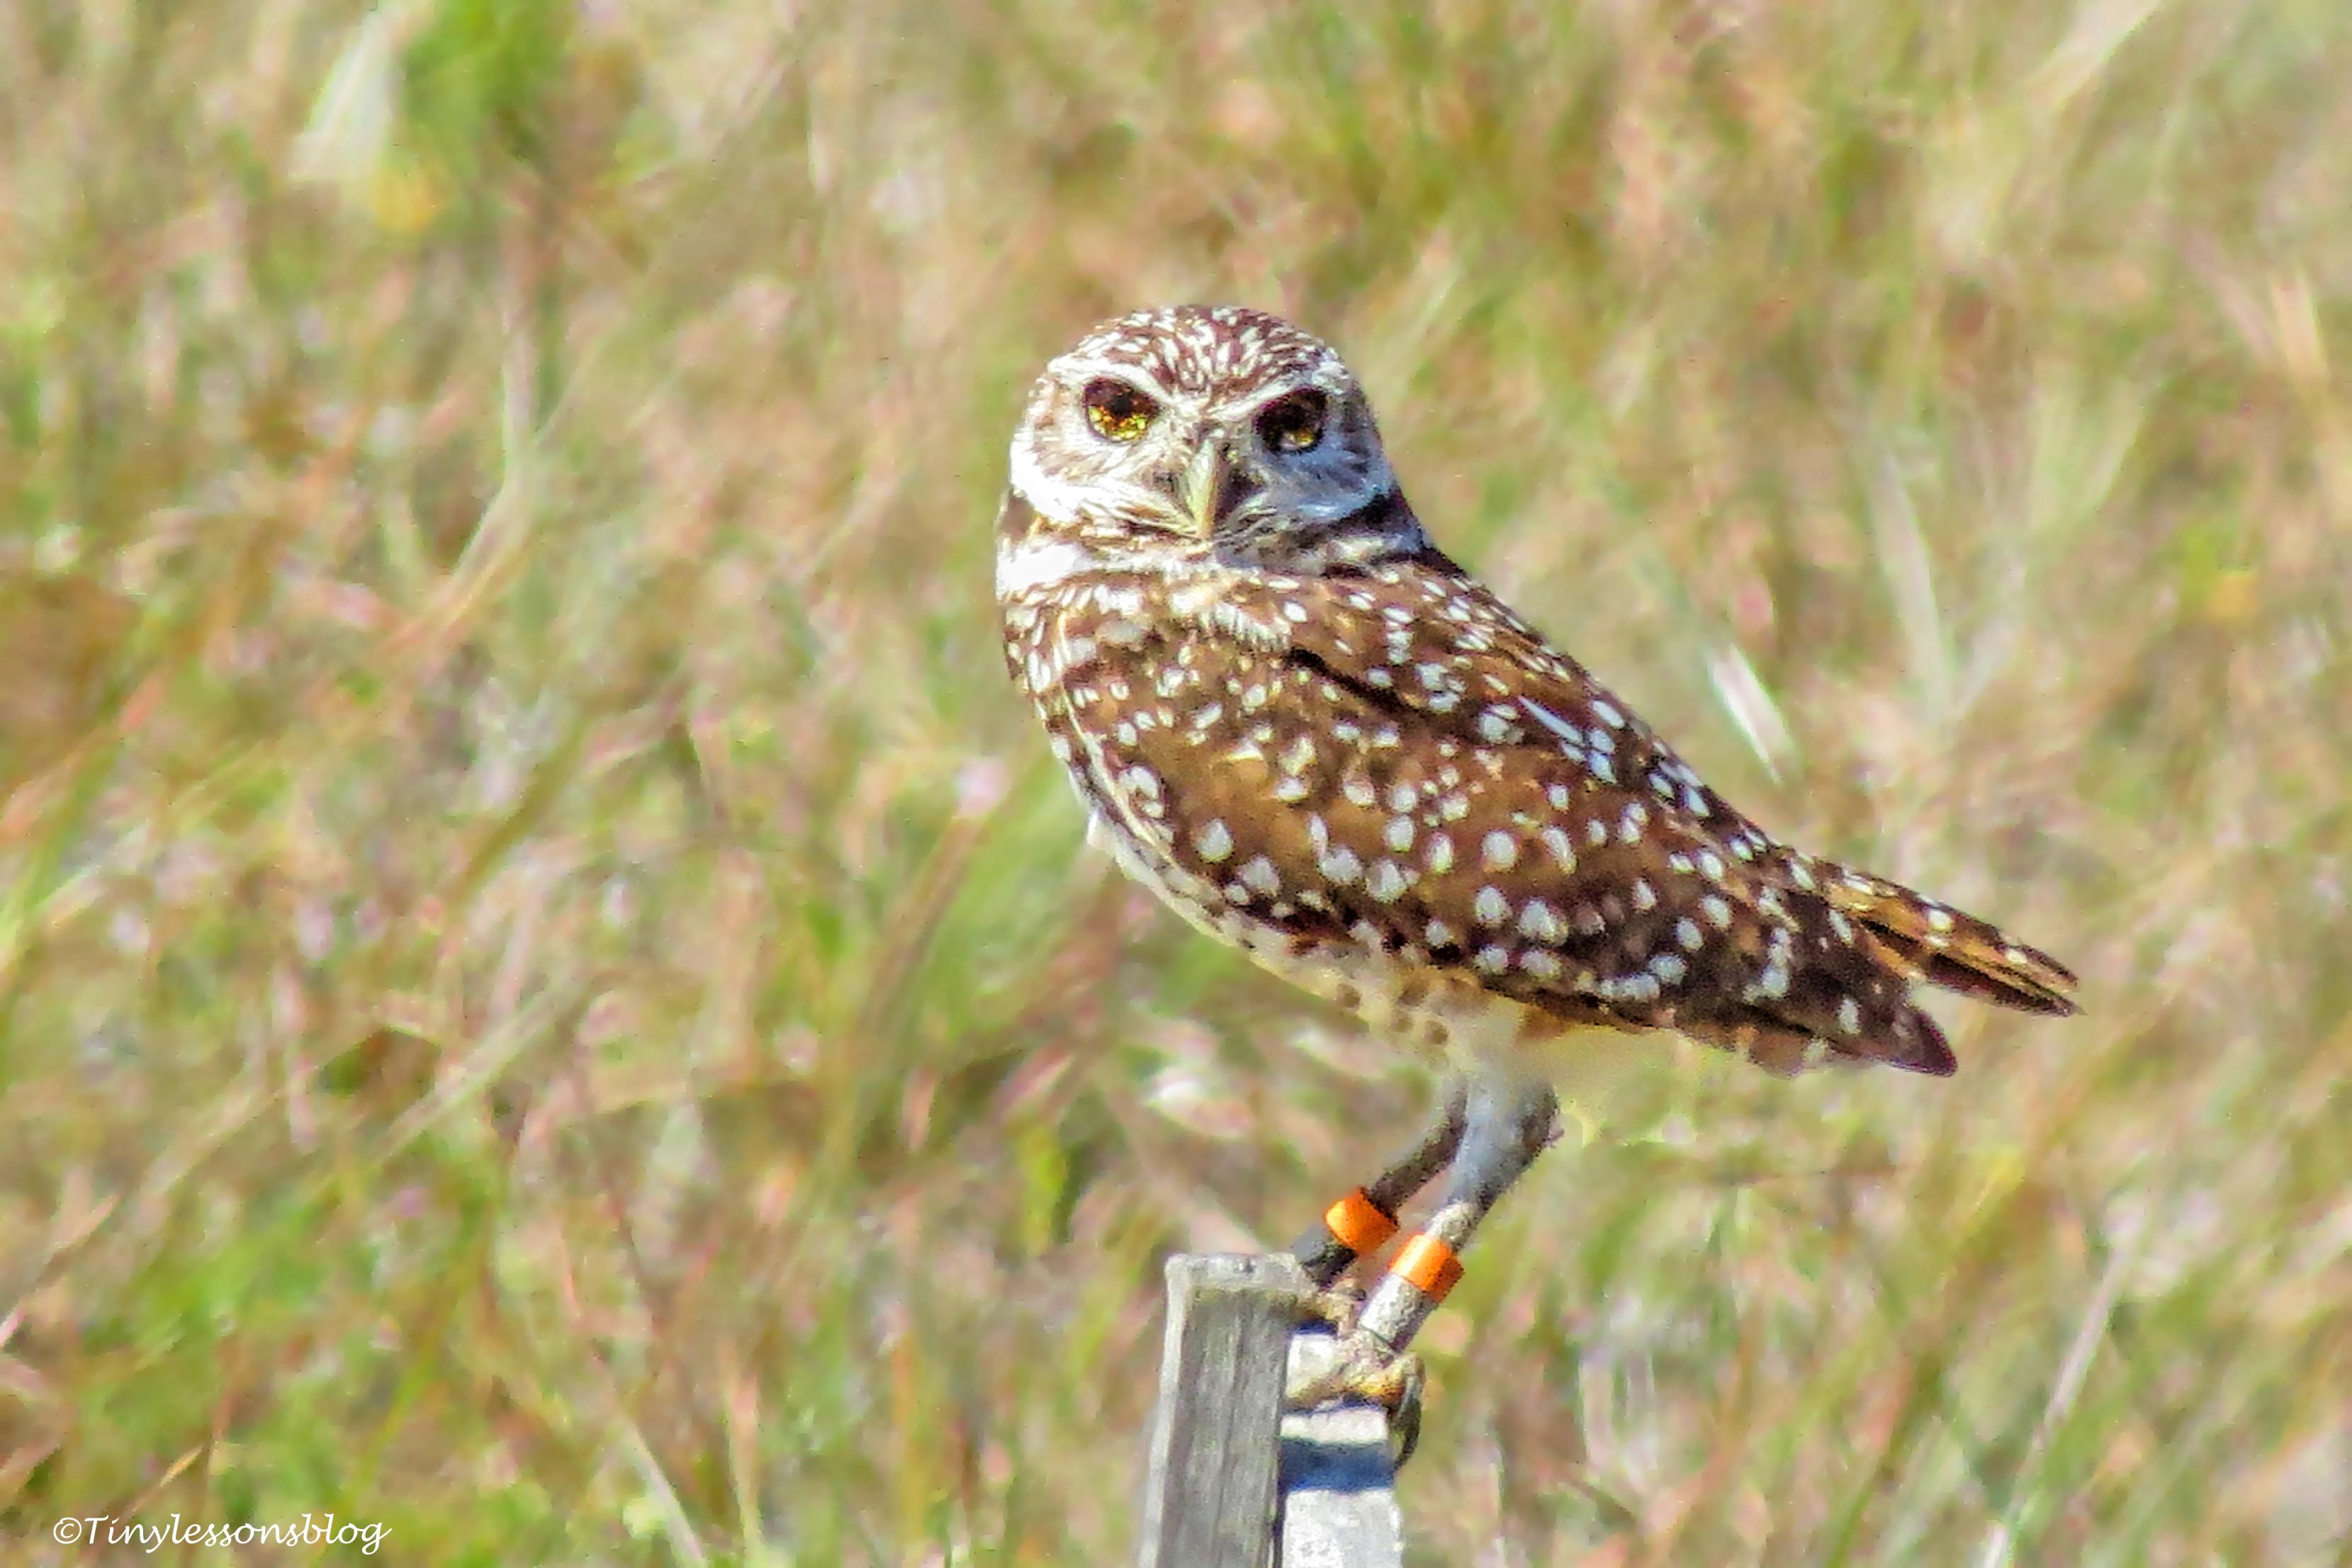 Black-eyed burrowing owl UD152_edited-2